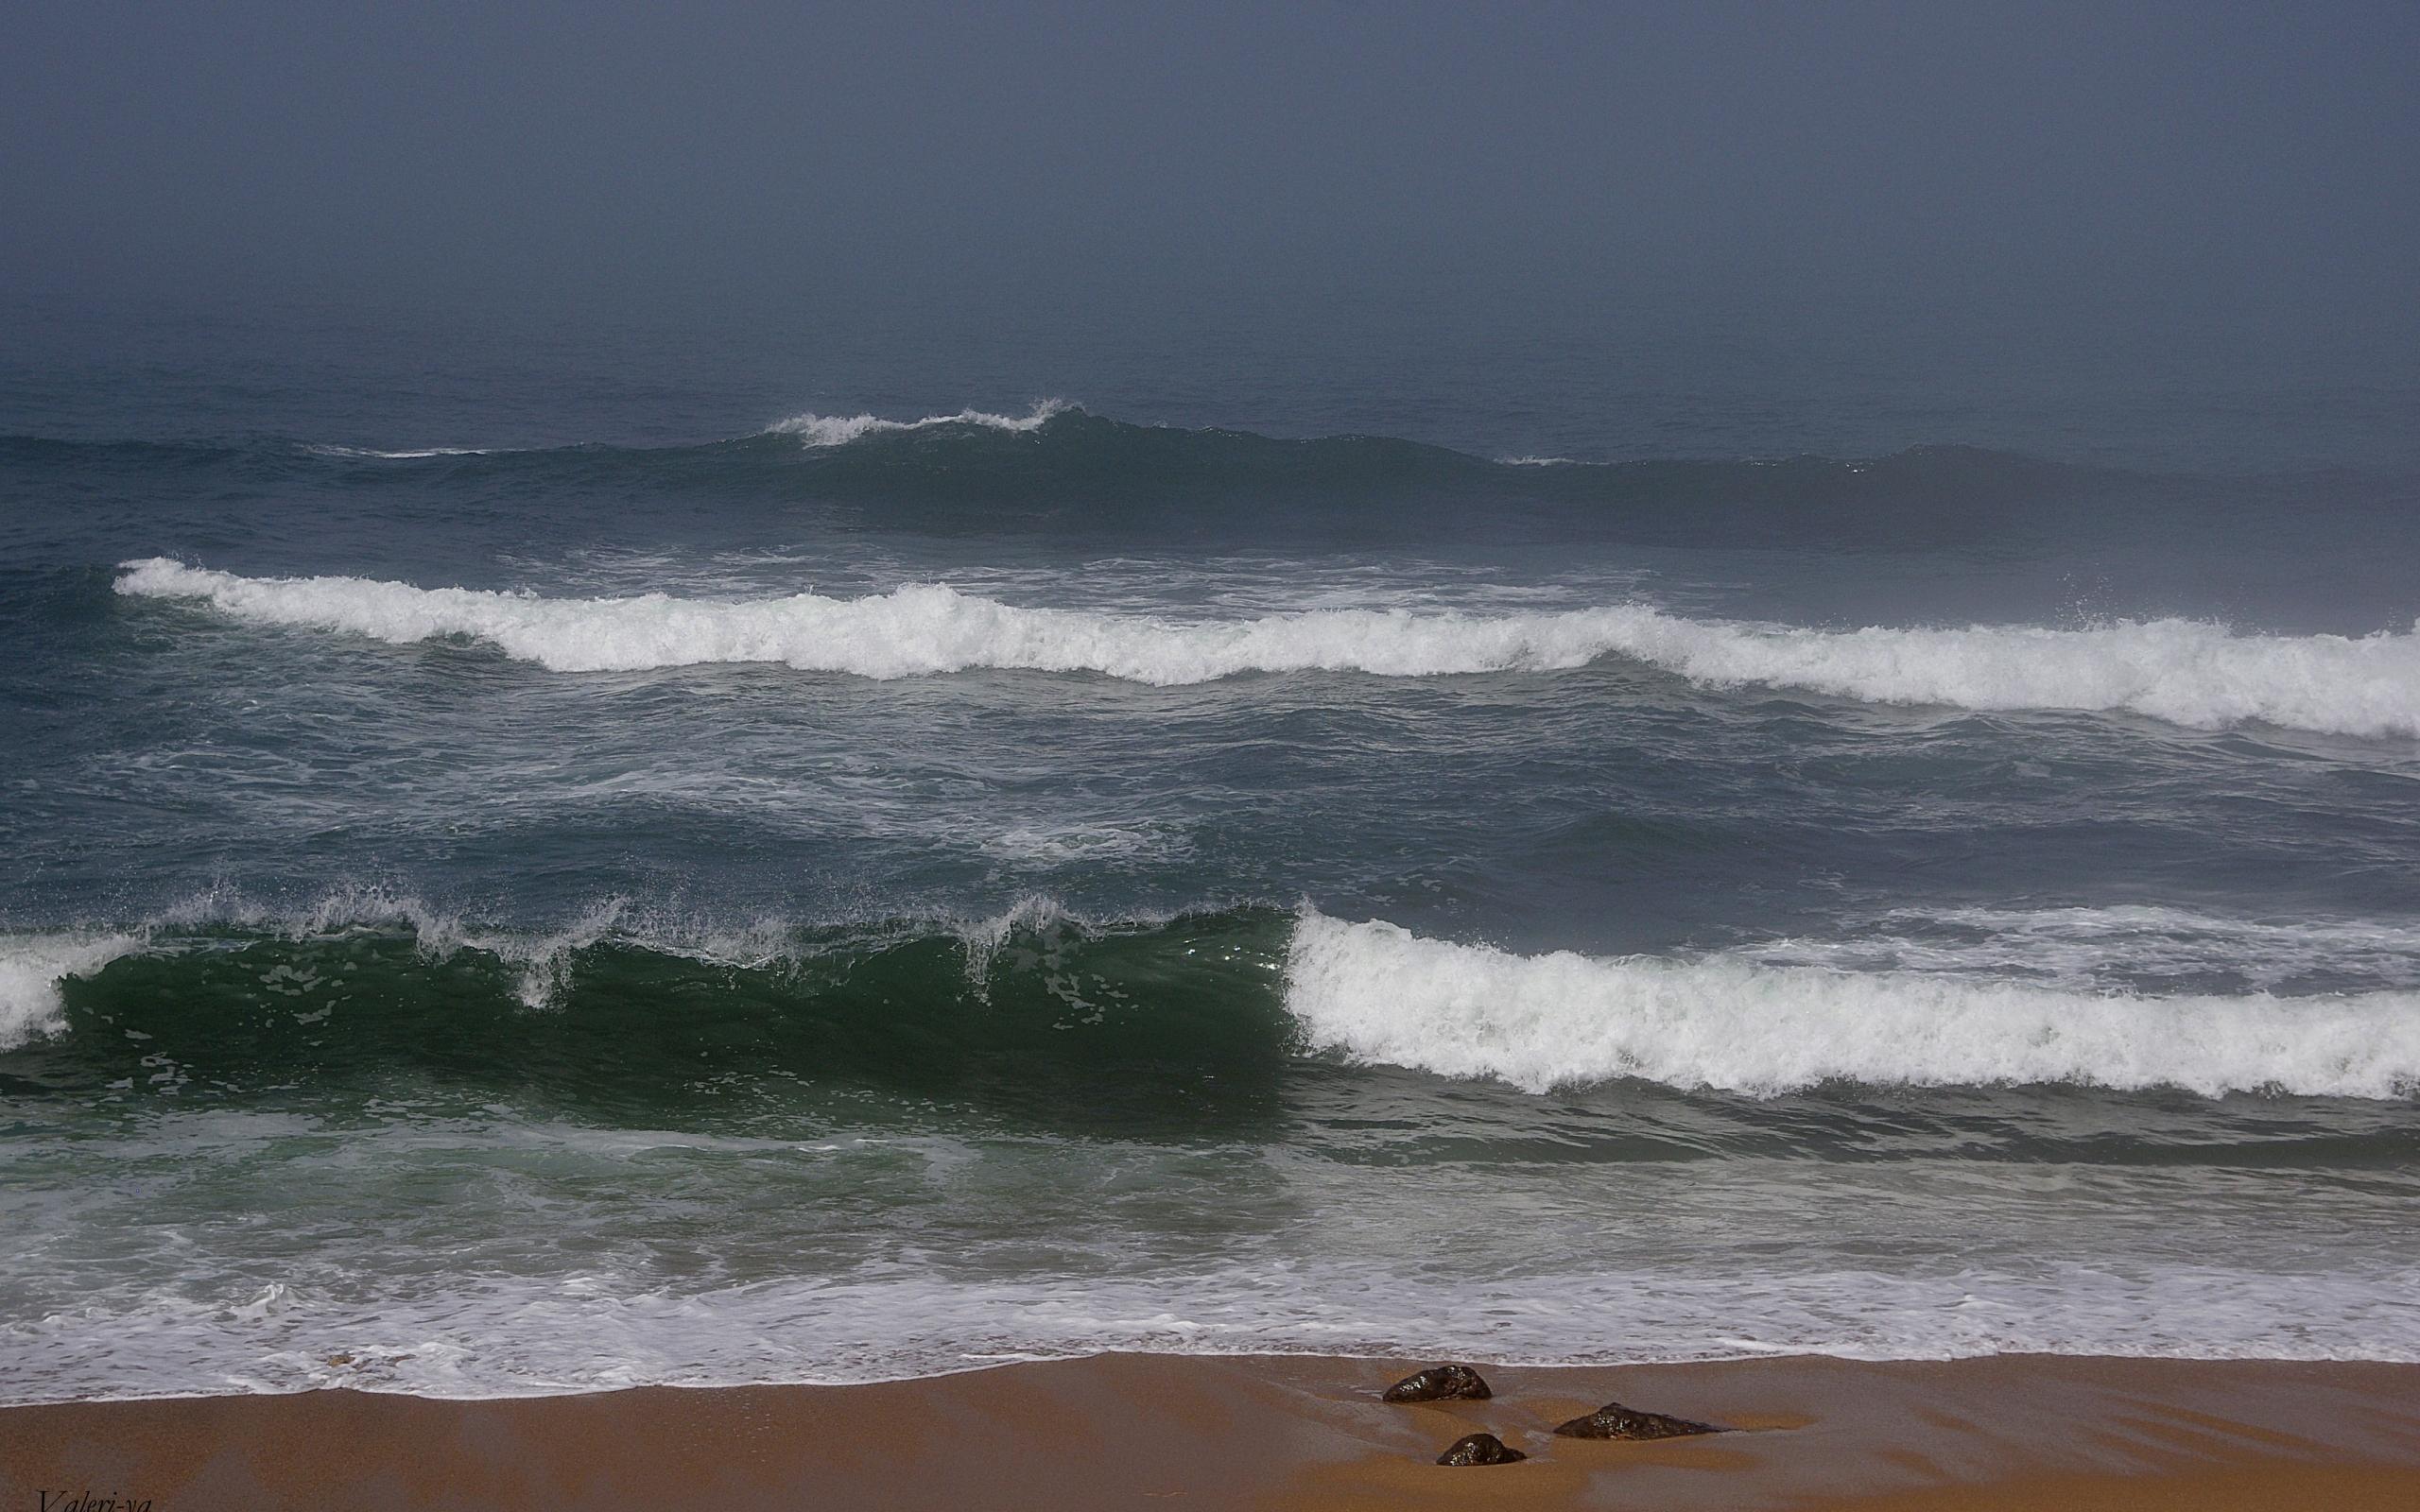 27671 скачать обои Пейзаж, Море, Волны, Пляж - заставки и картинки бесплатно